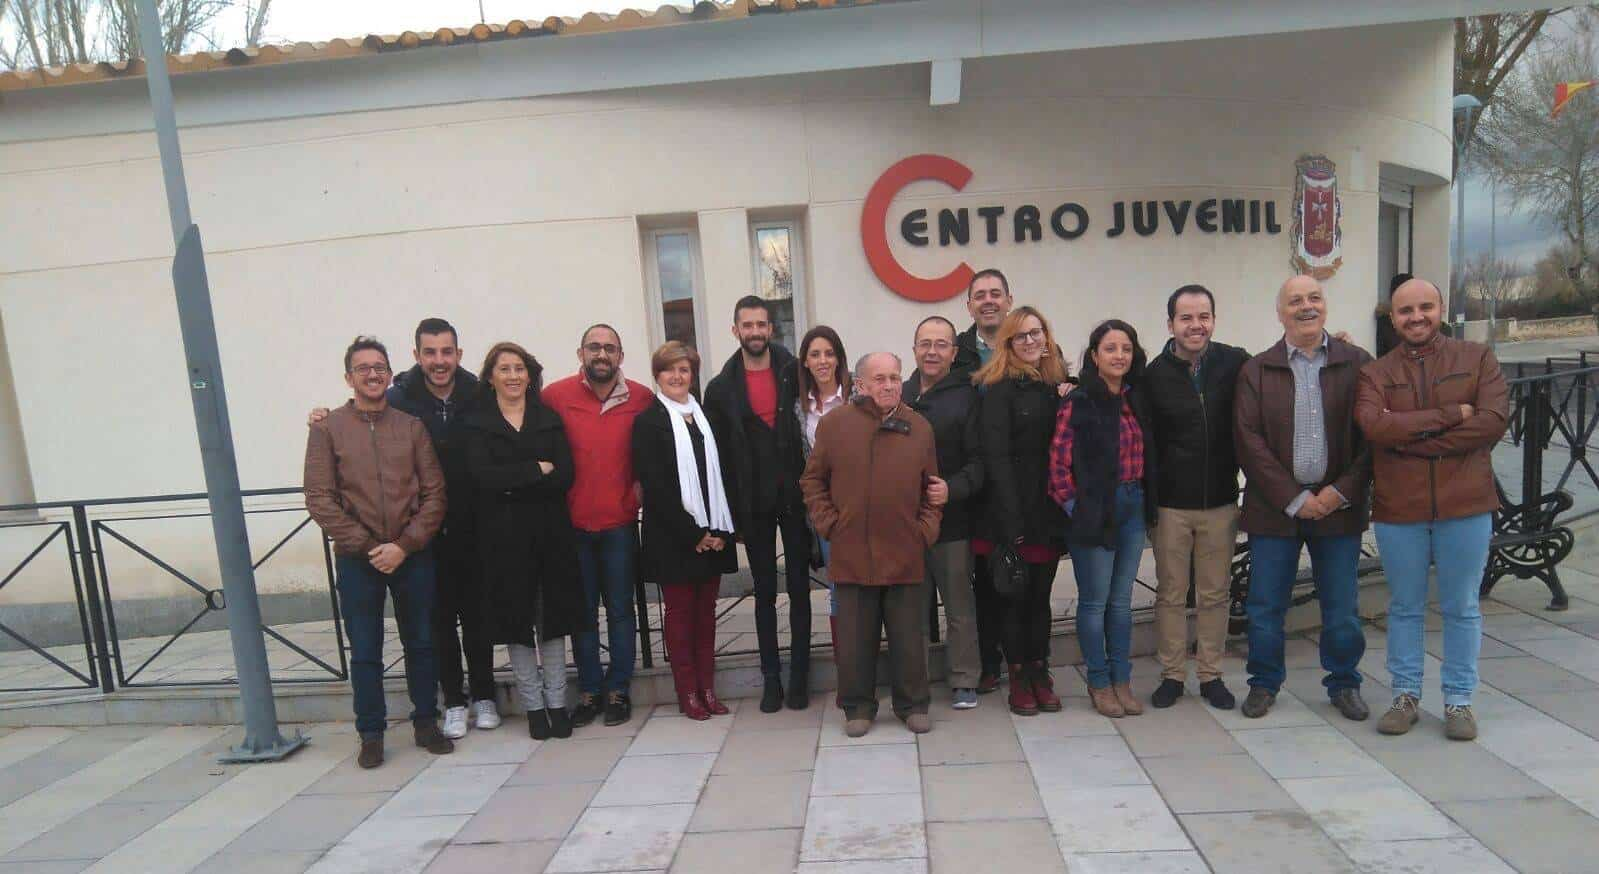 psoe villarta renovacion - Herencia presente en renovación ejecutiva PSOE de Villarta de San Juan